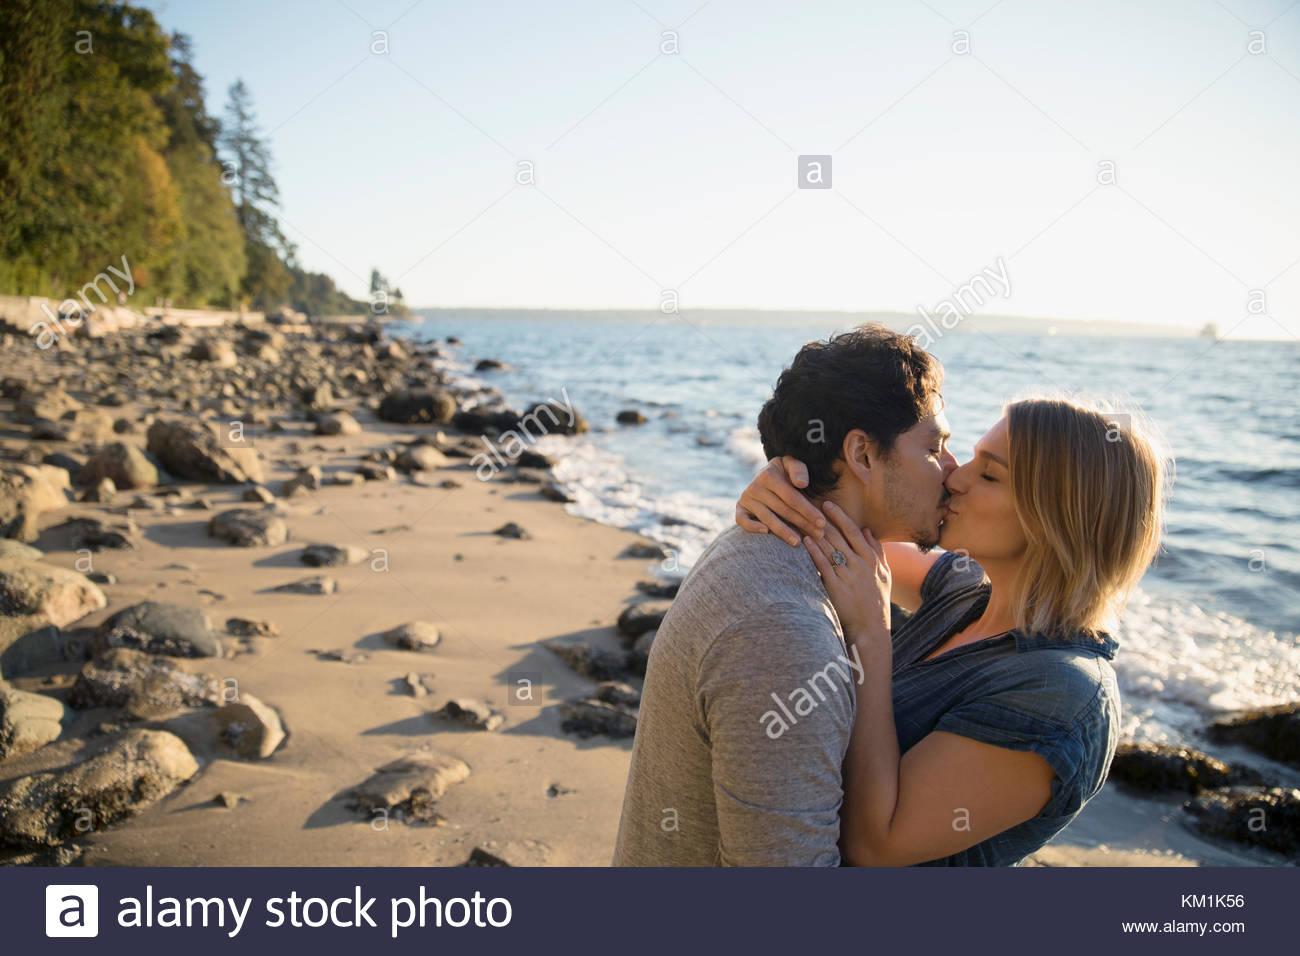 Affettuosa giovane baciare sulla soleggiata spiaggia oceano Immagini Stock